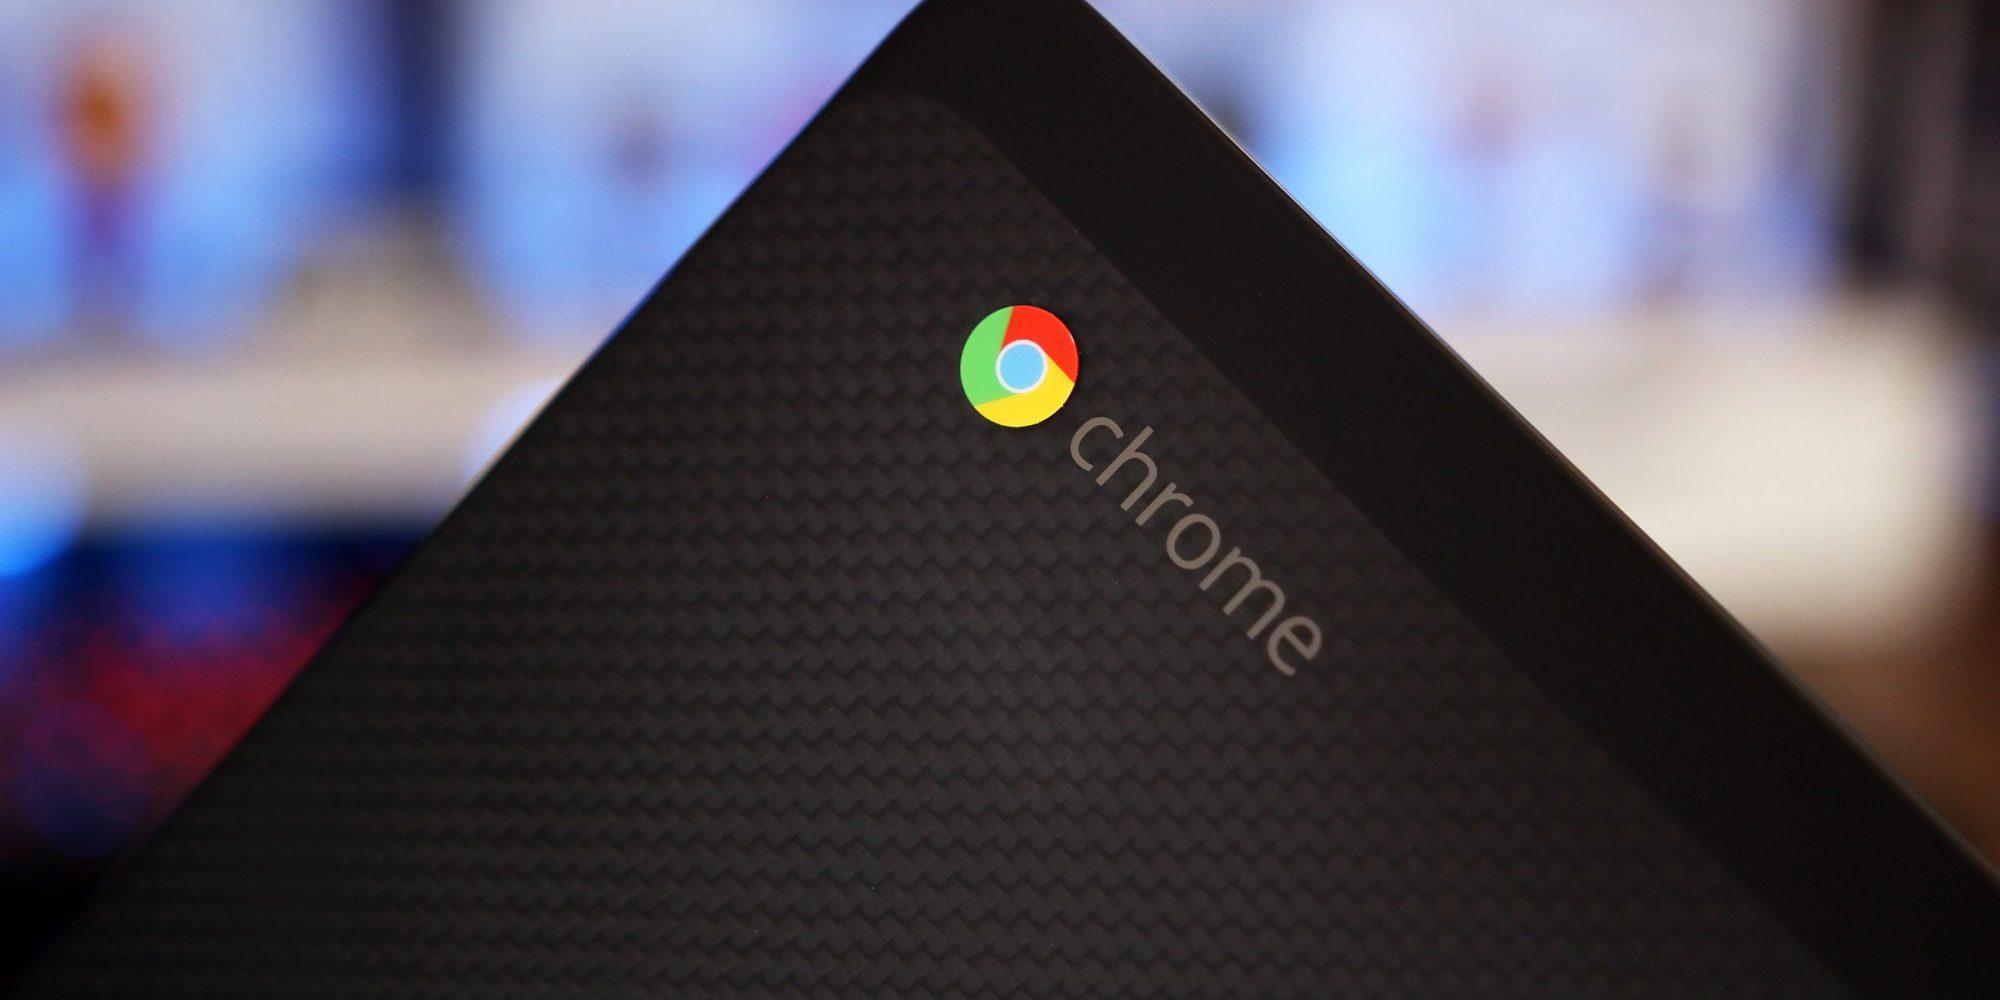 Chrome bloccherà la riproduzione automatica dei filmati con audio